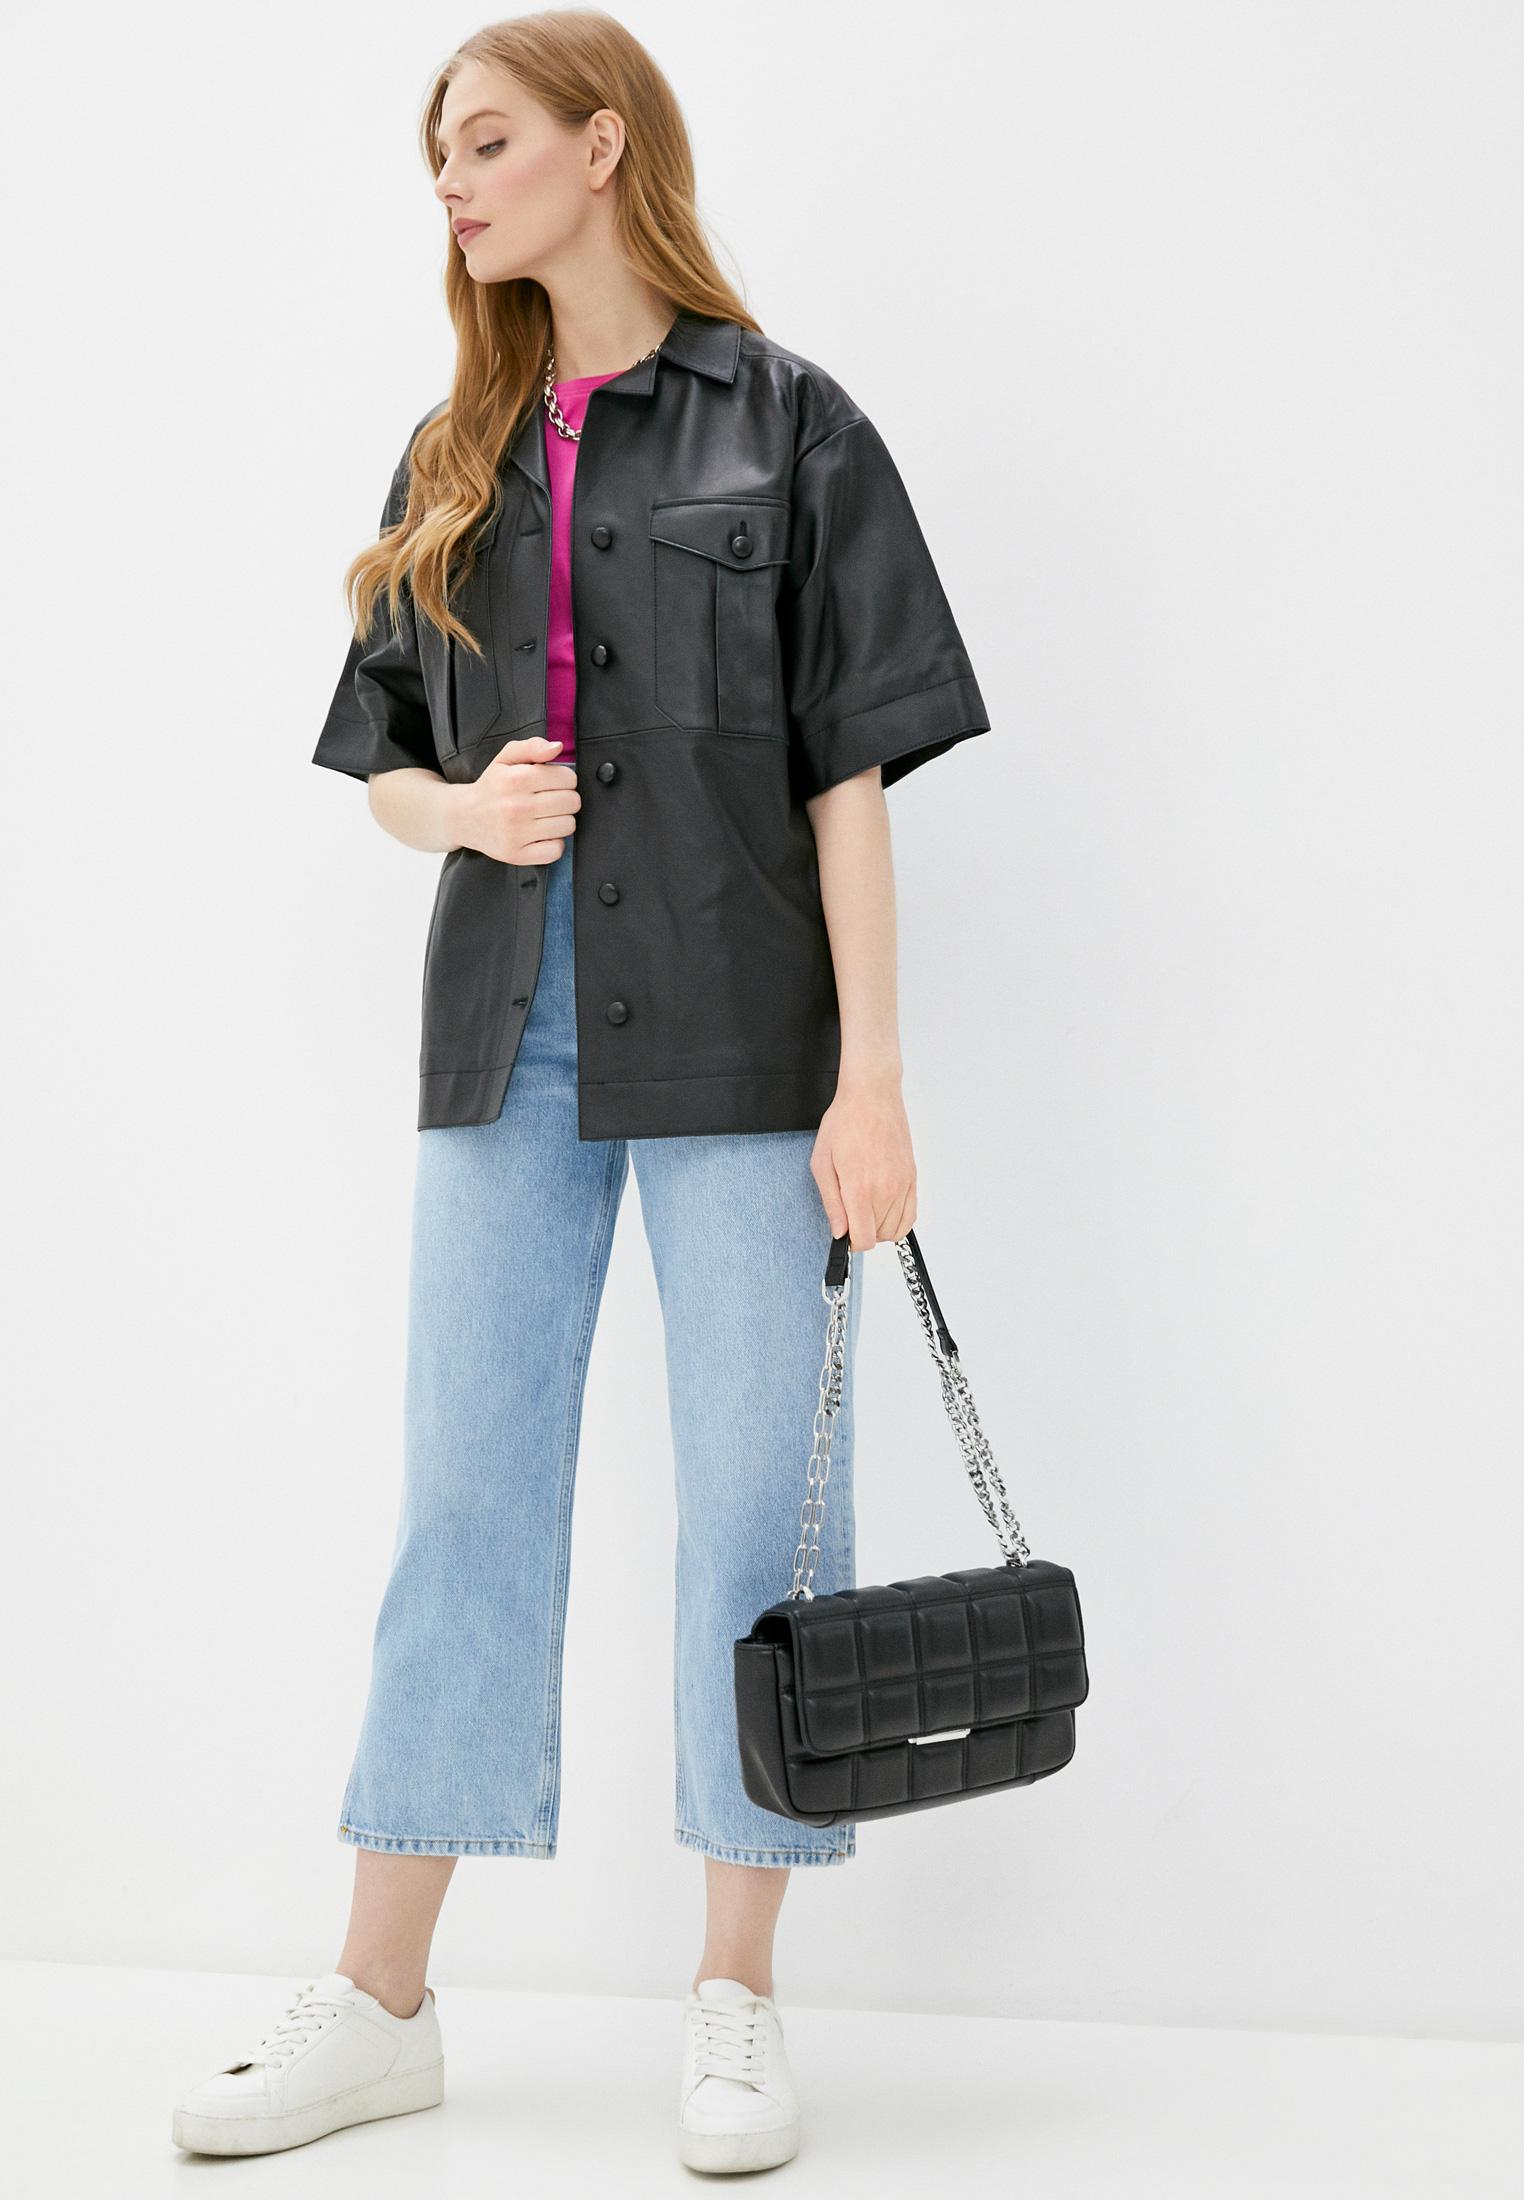 Рубашка с коротким рукавом Topshop Boutique 25L39RBLK: изображение 2